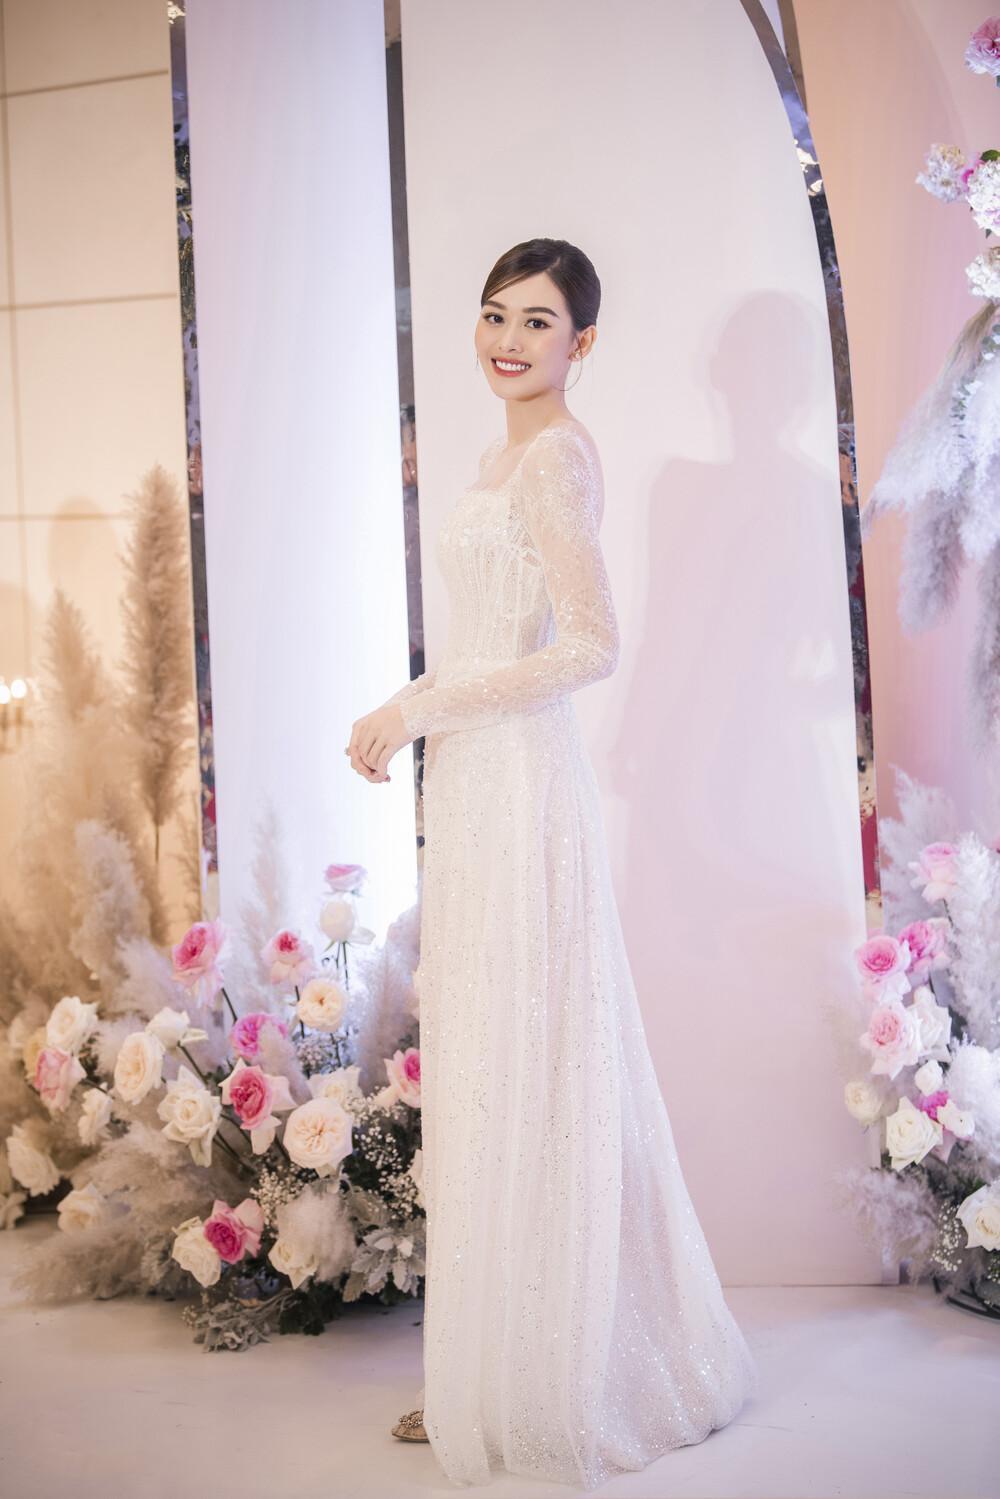 Á hậu Tường San diện váy bồng bềnh để lộ vòng 2 lùm xùm, fan chúc mừng 'chị đẹp' mang thai con đầu lòng? Ảnh 6